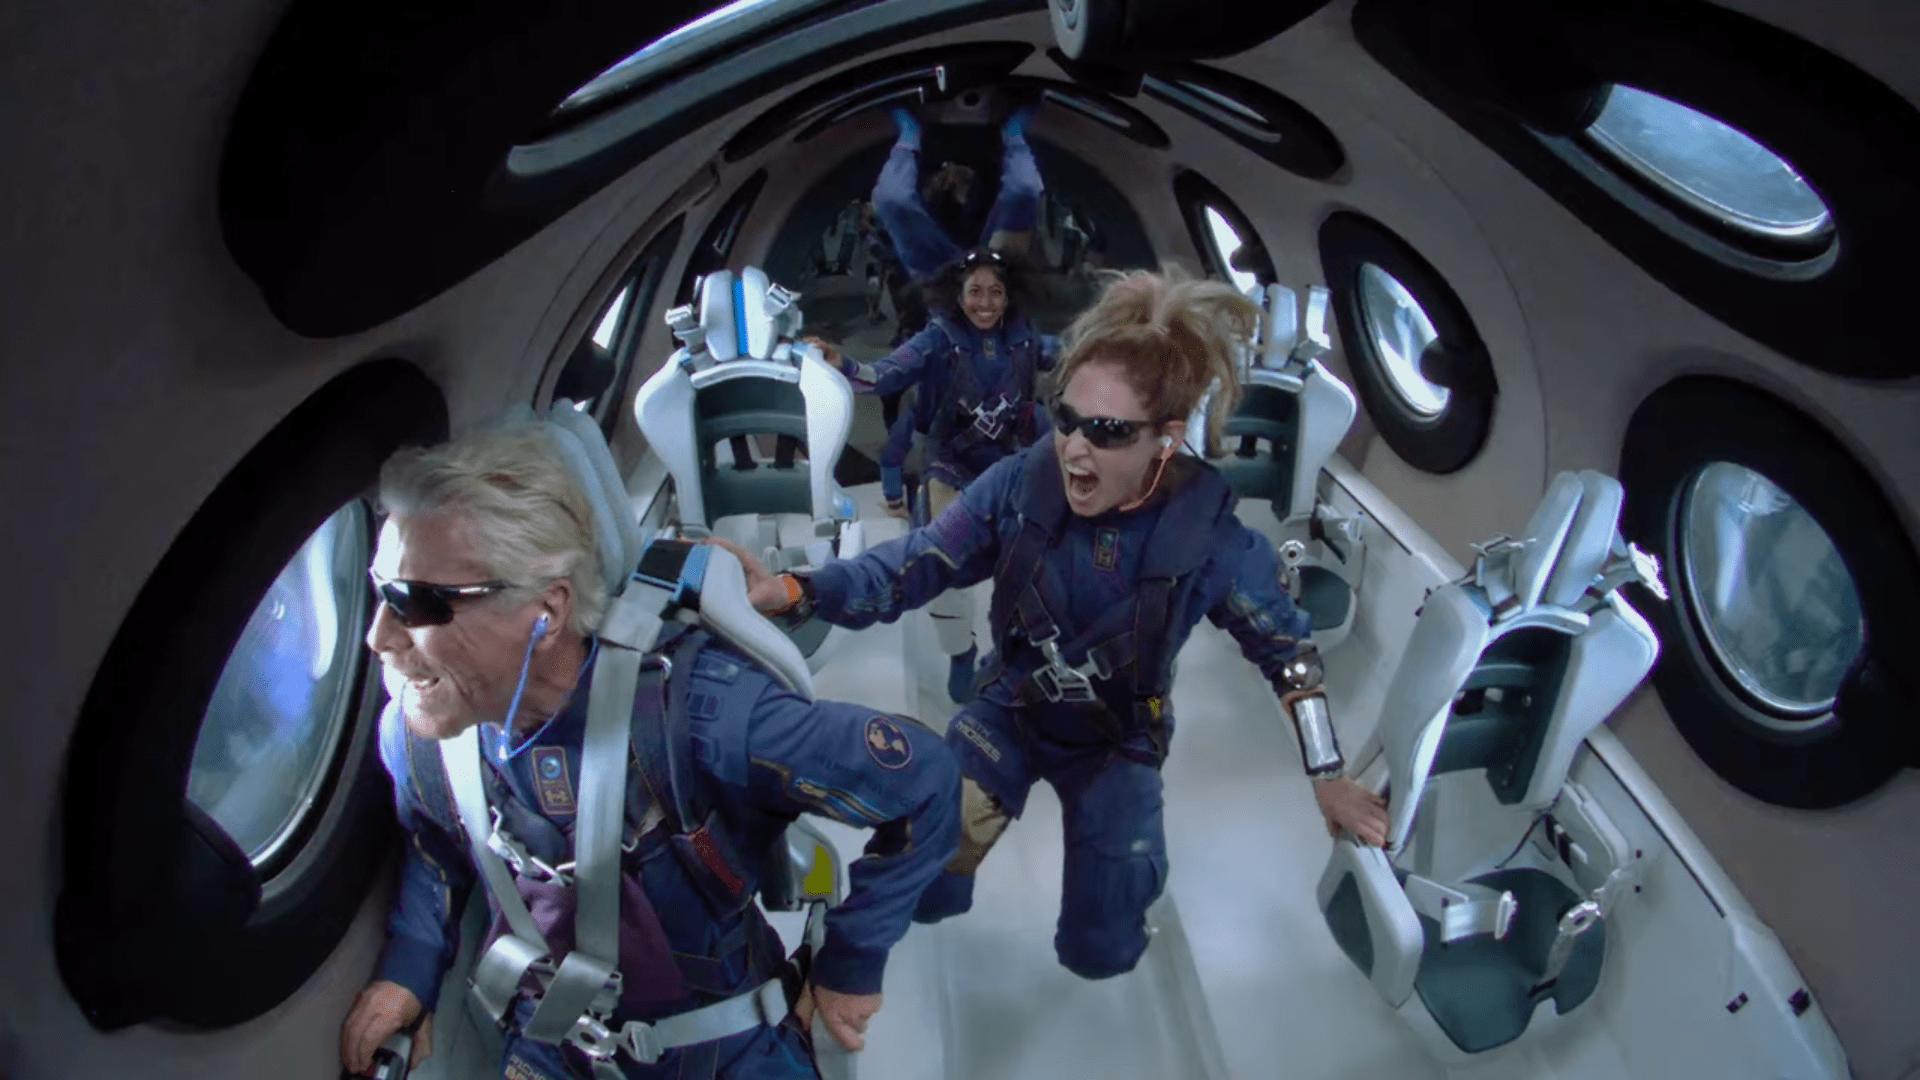 Video ► El millonario Richard Branson llegó al espacio en su propia nave y experimentó la gravedad cero